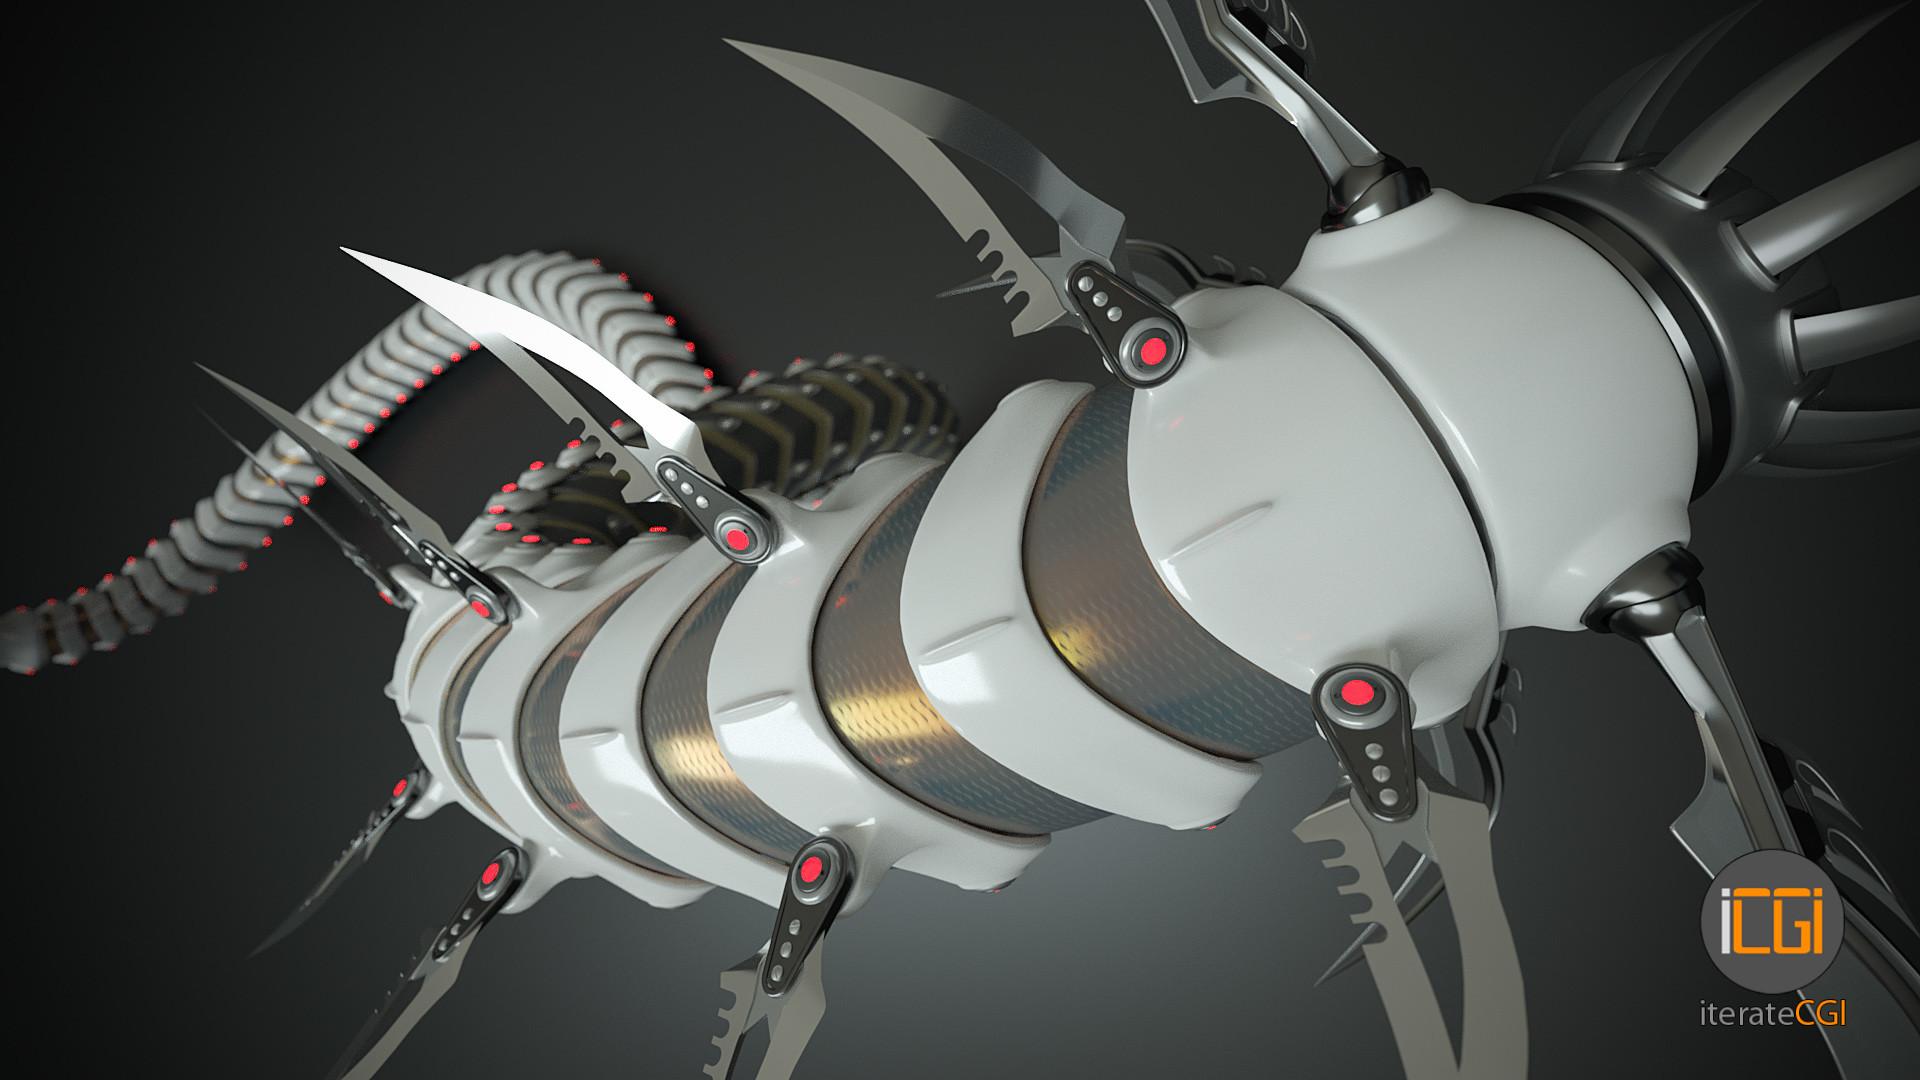 Johan de leenheer snakebot 7